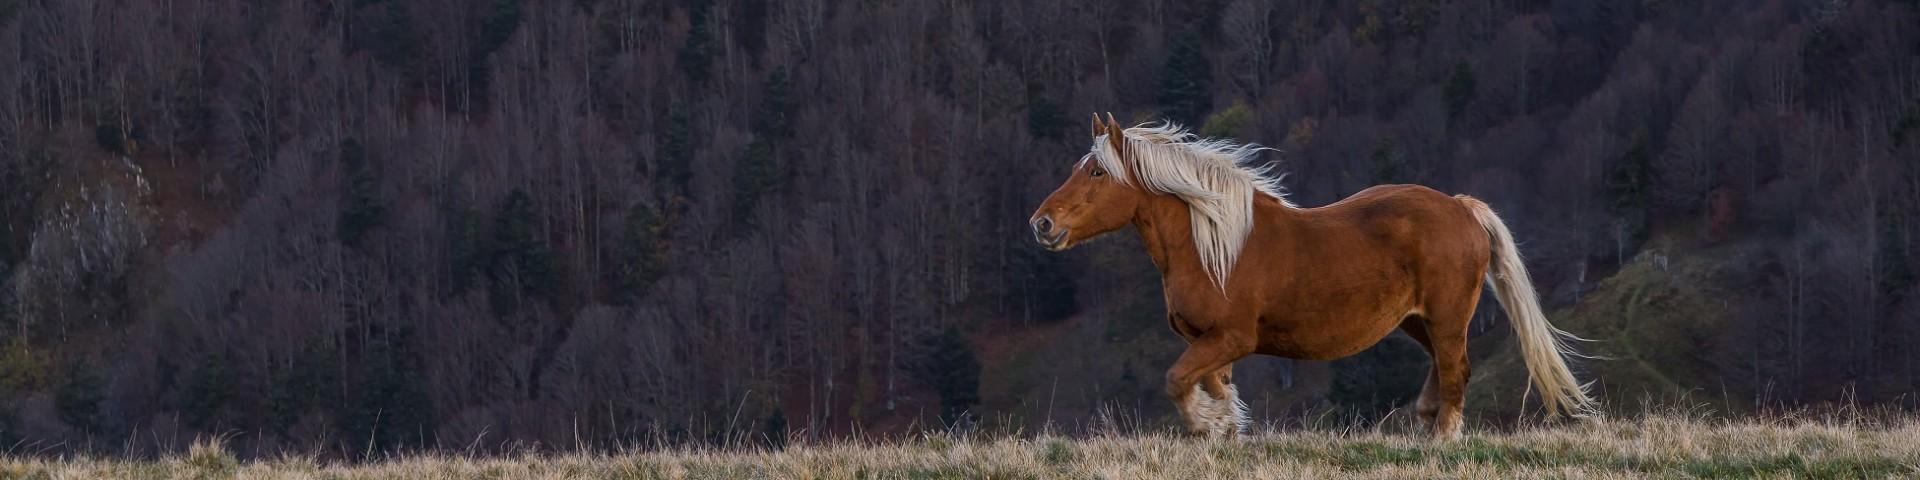 chevaux221-001-dominique-steinel-2726